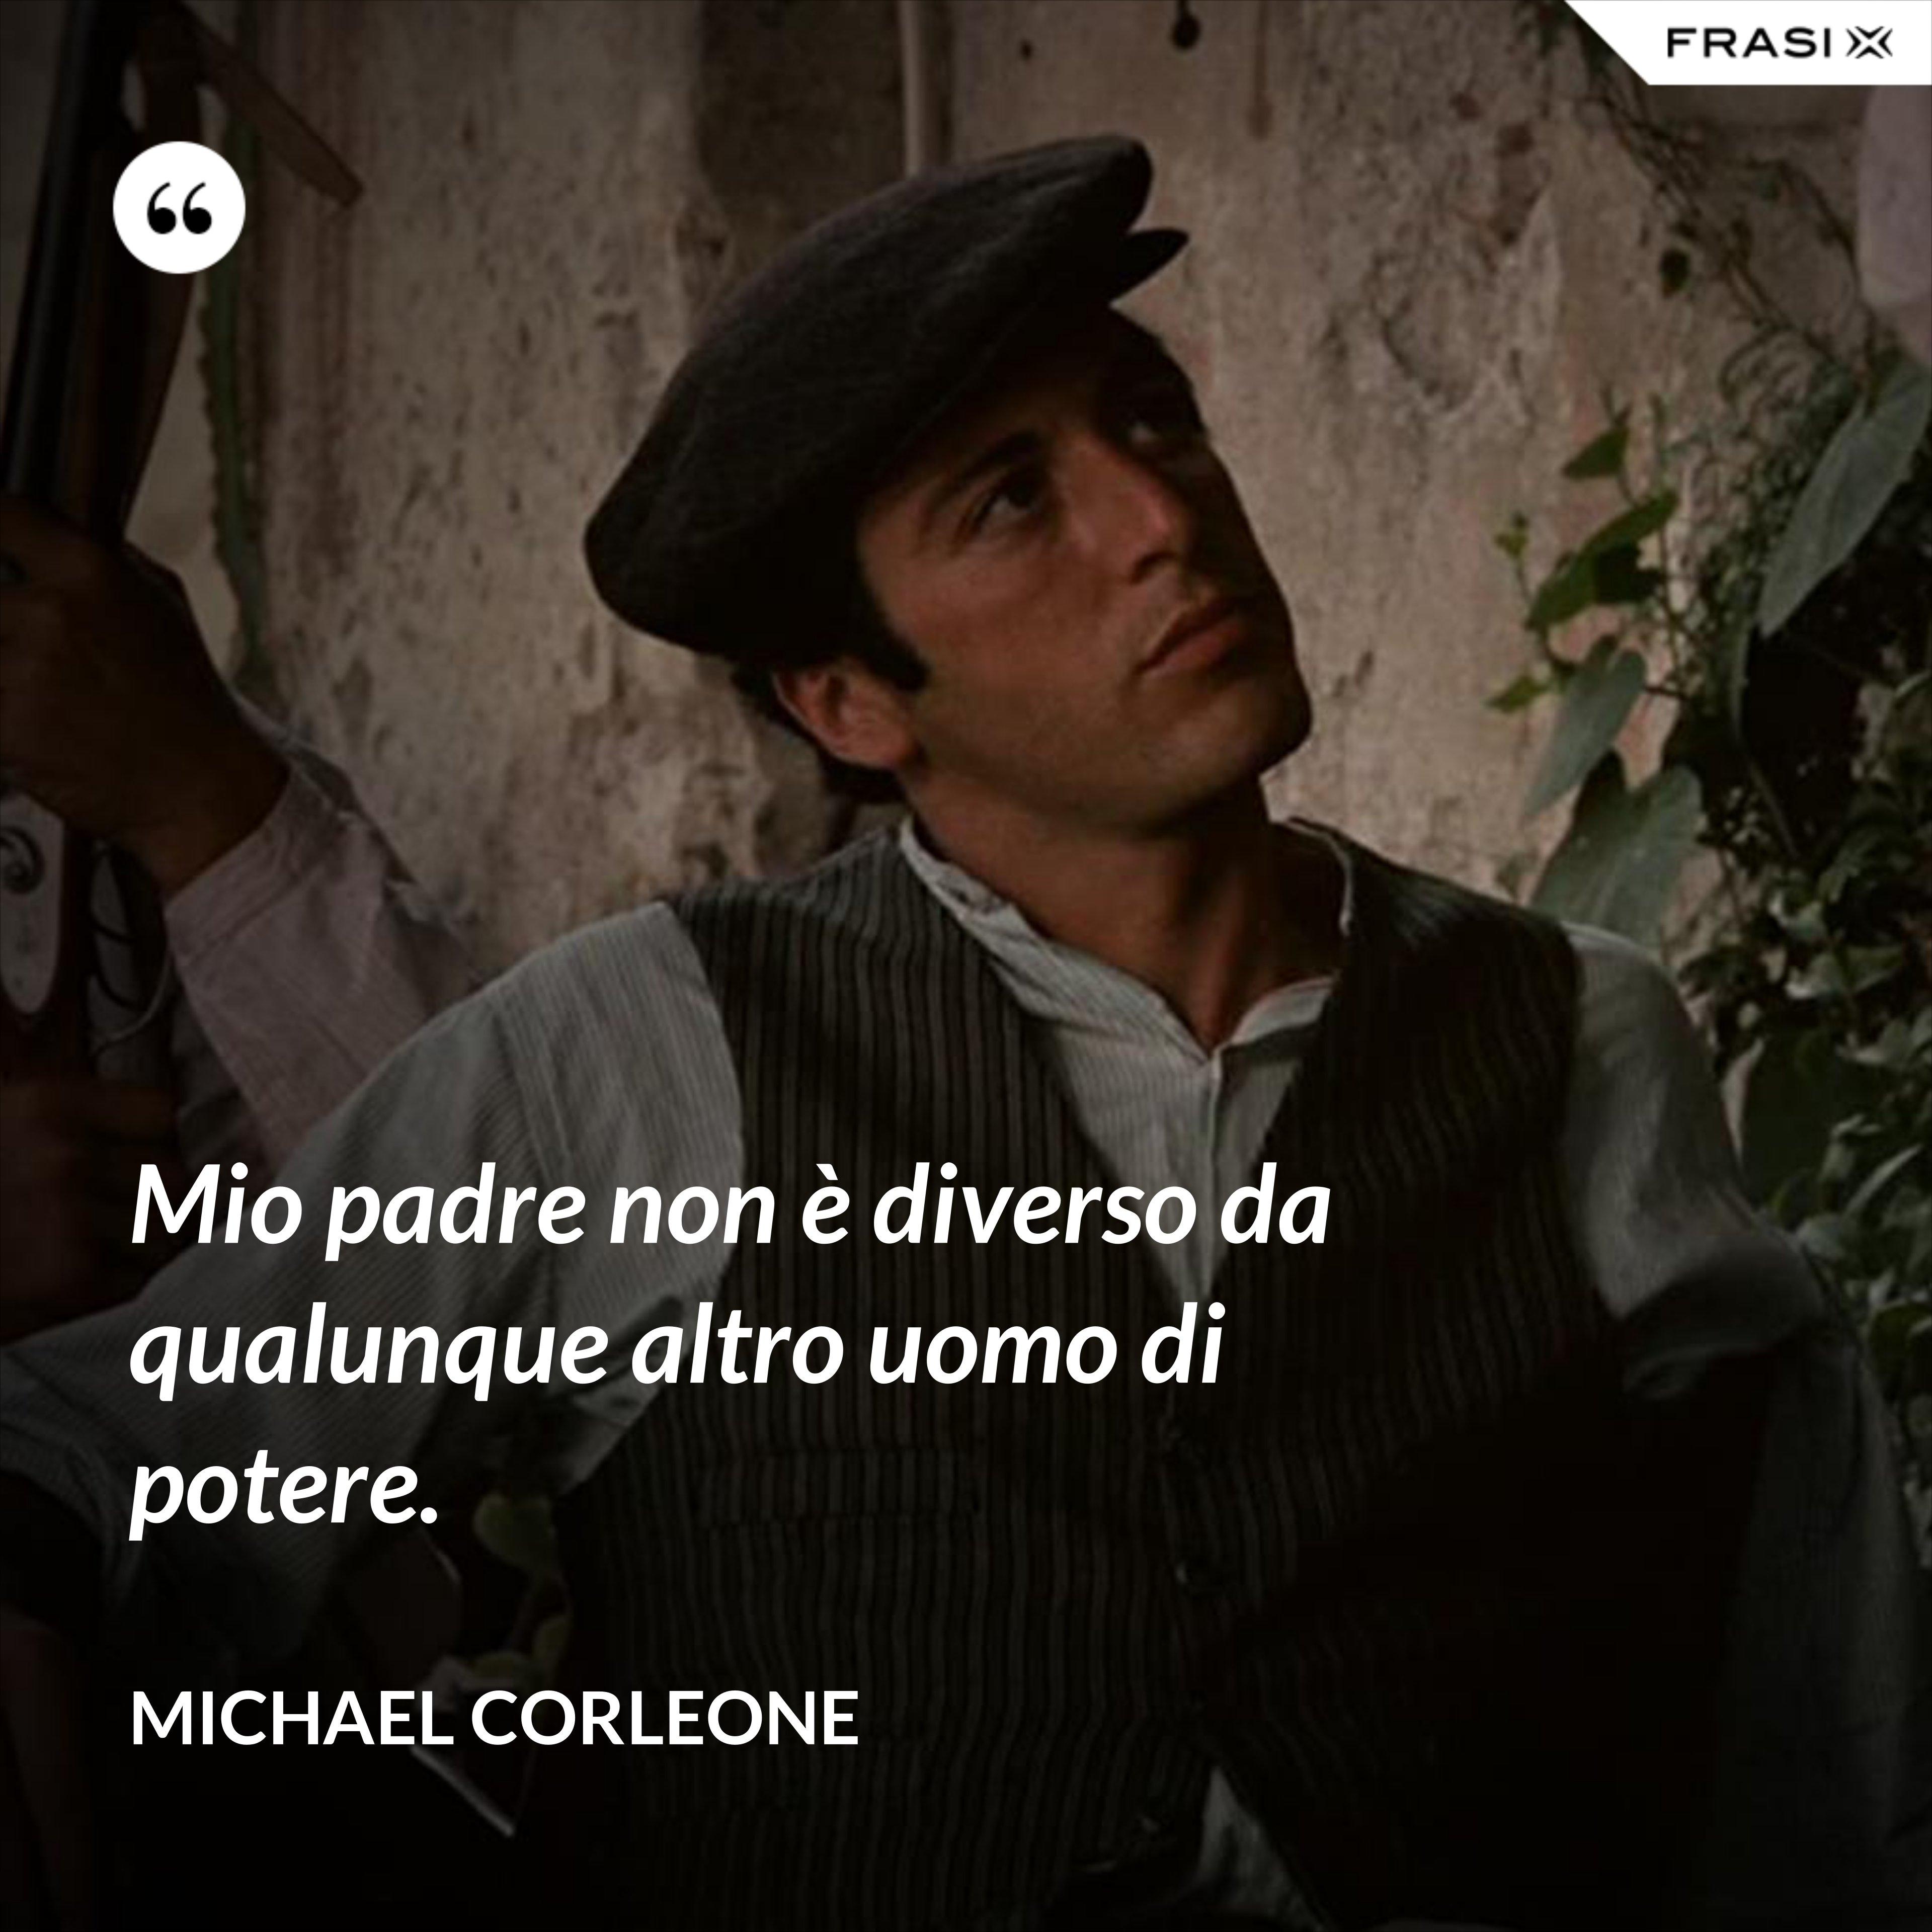 Mio padre non è diverso da qualunque altro uomo di potere. - Michael Corleone